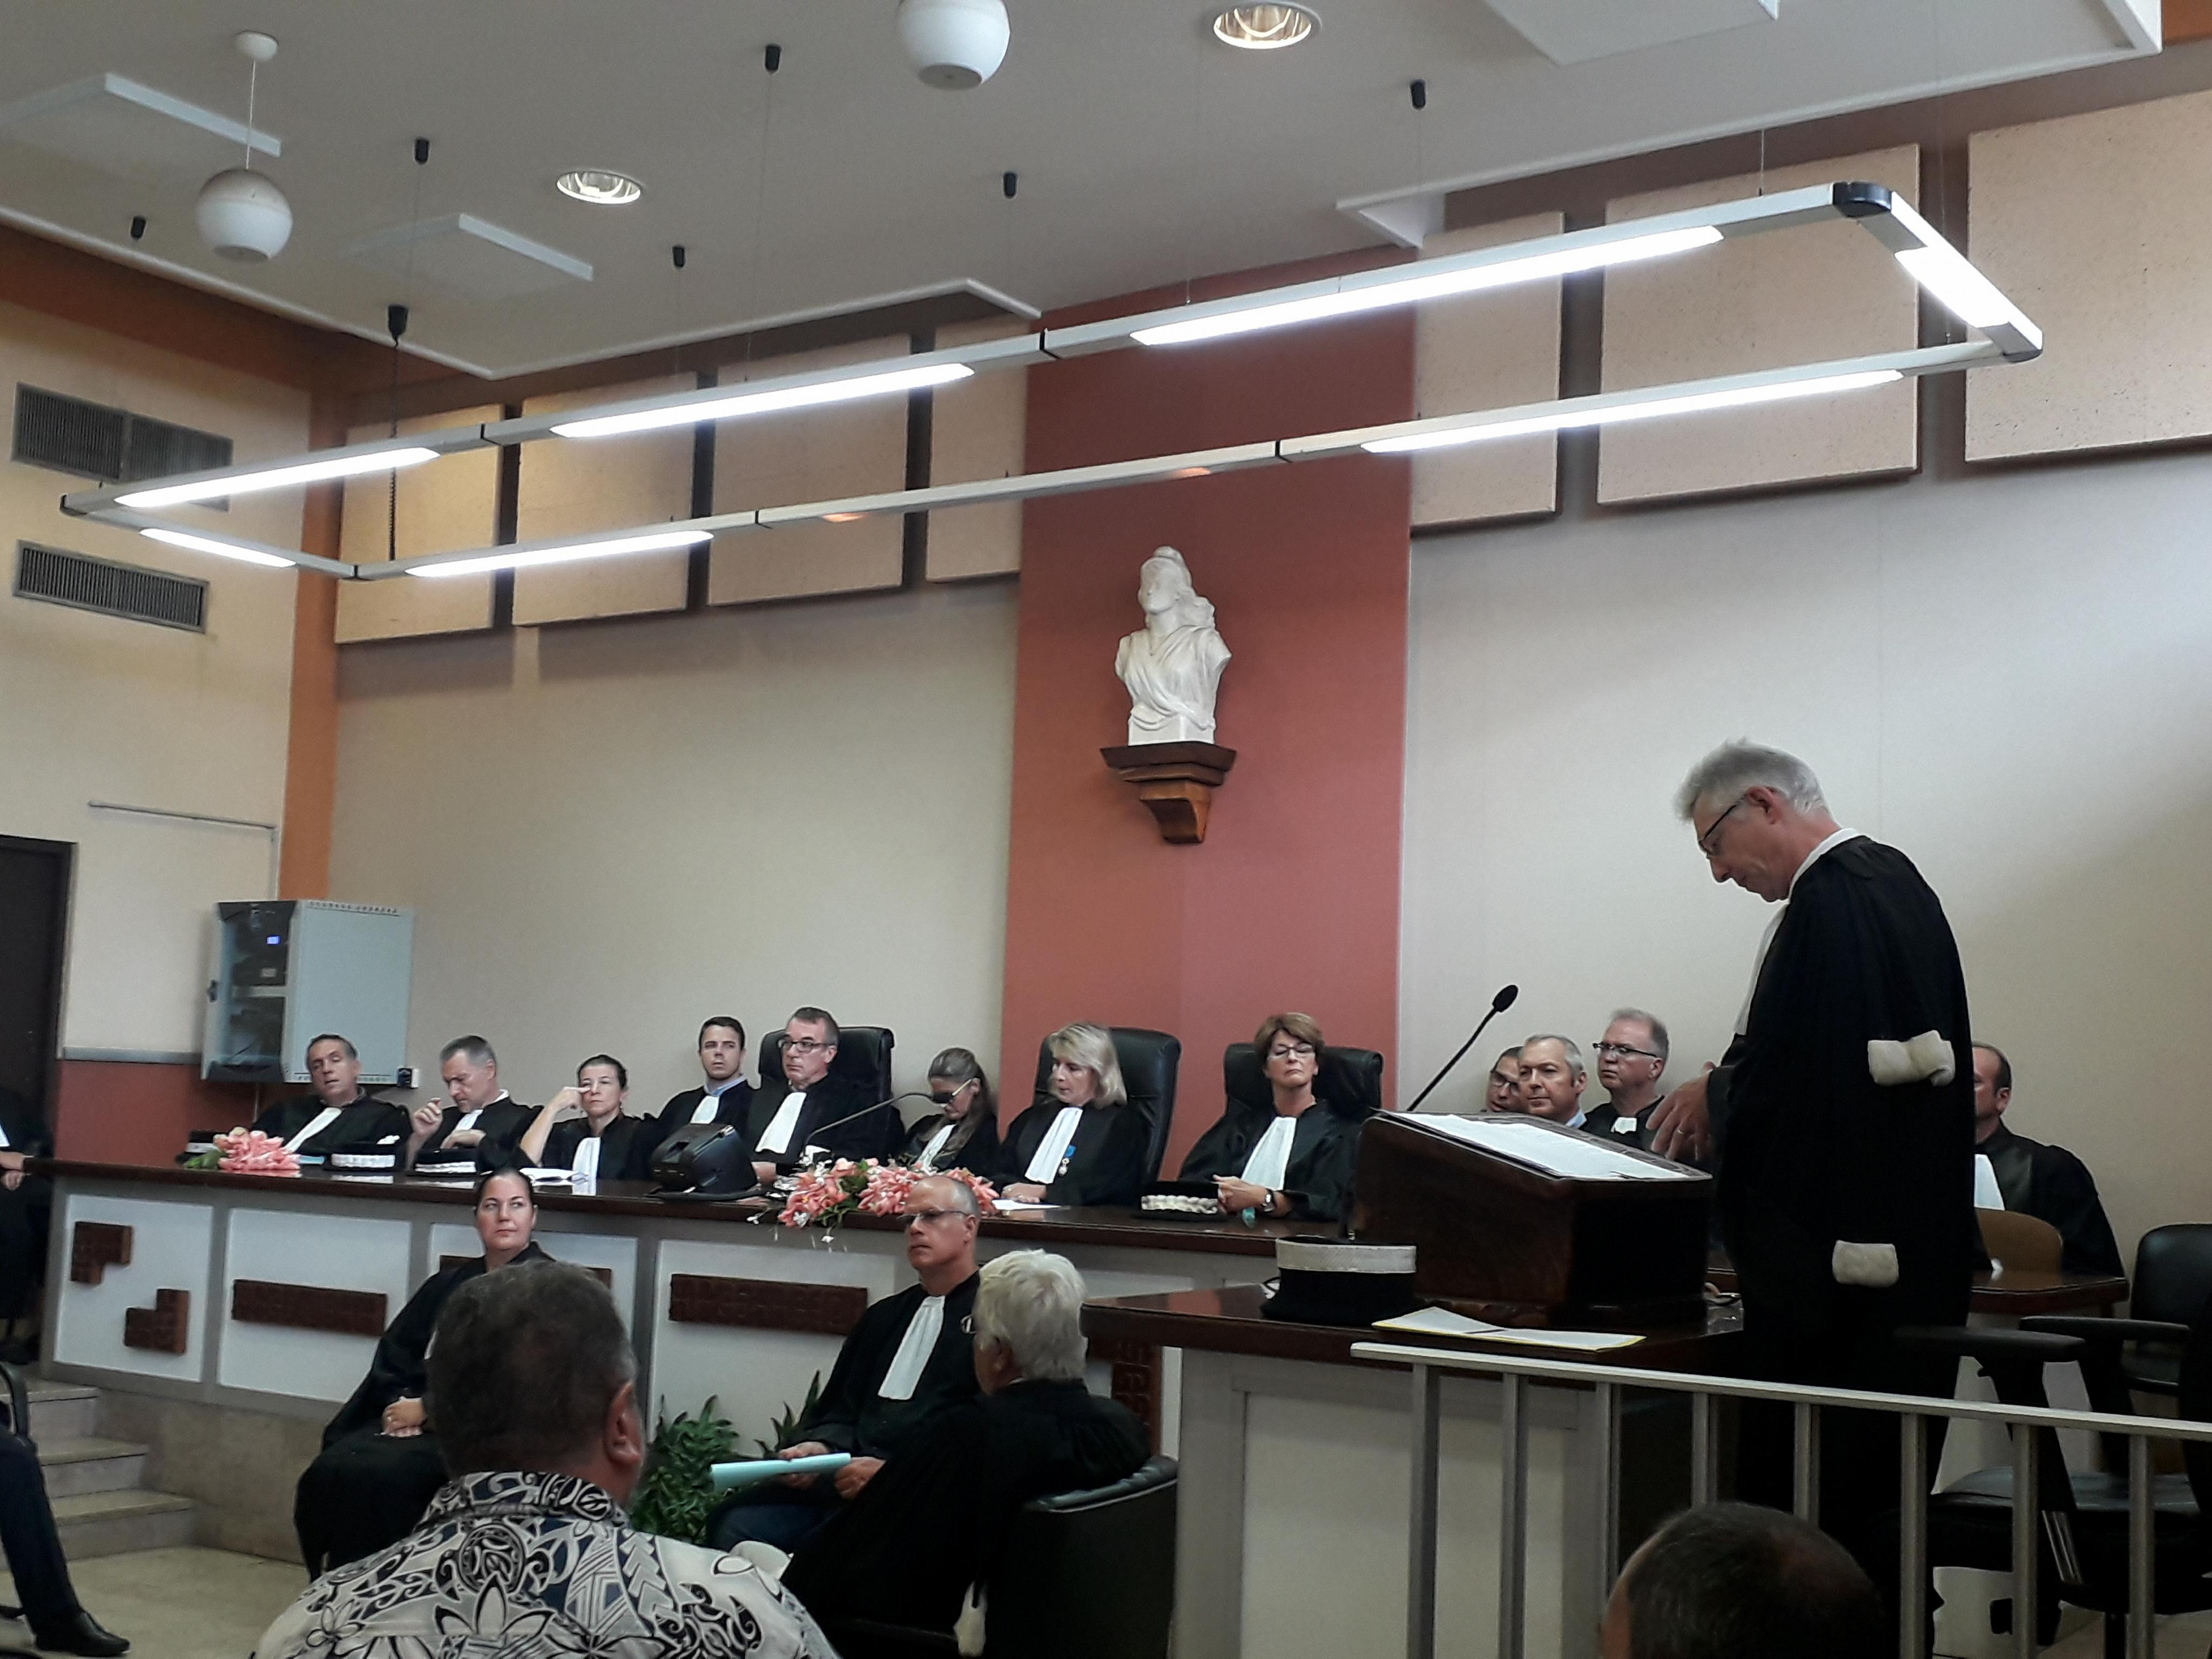 Le procureur de la République, Hervé Leroy, lors de son allocution en ce jour de rentrée solennelle.